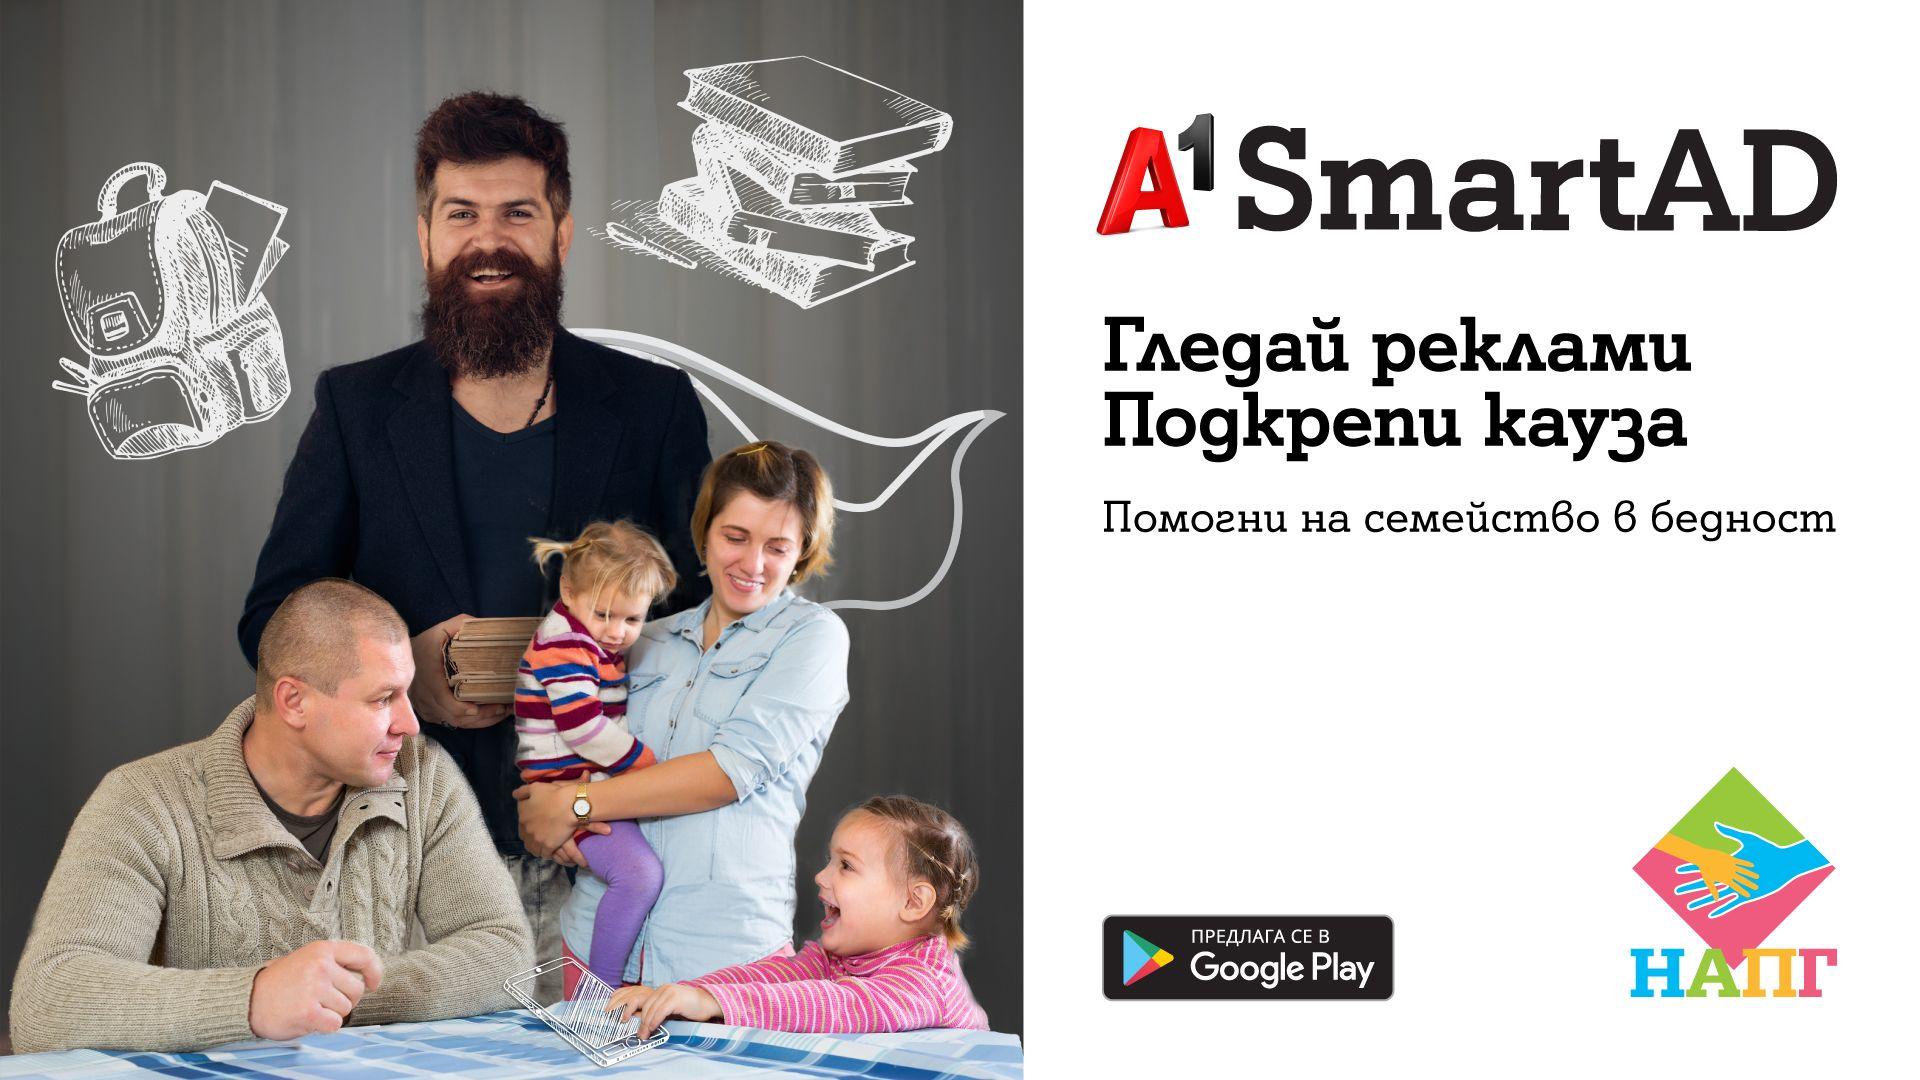 А1 стартира за първи път в световен мащаб иновативното смарт приложение за рекламно съдържание A1 SmartAD